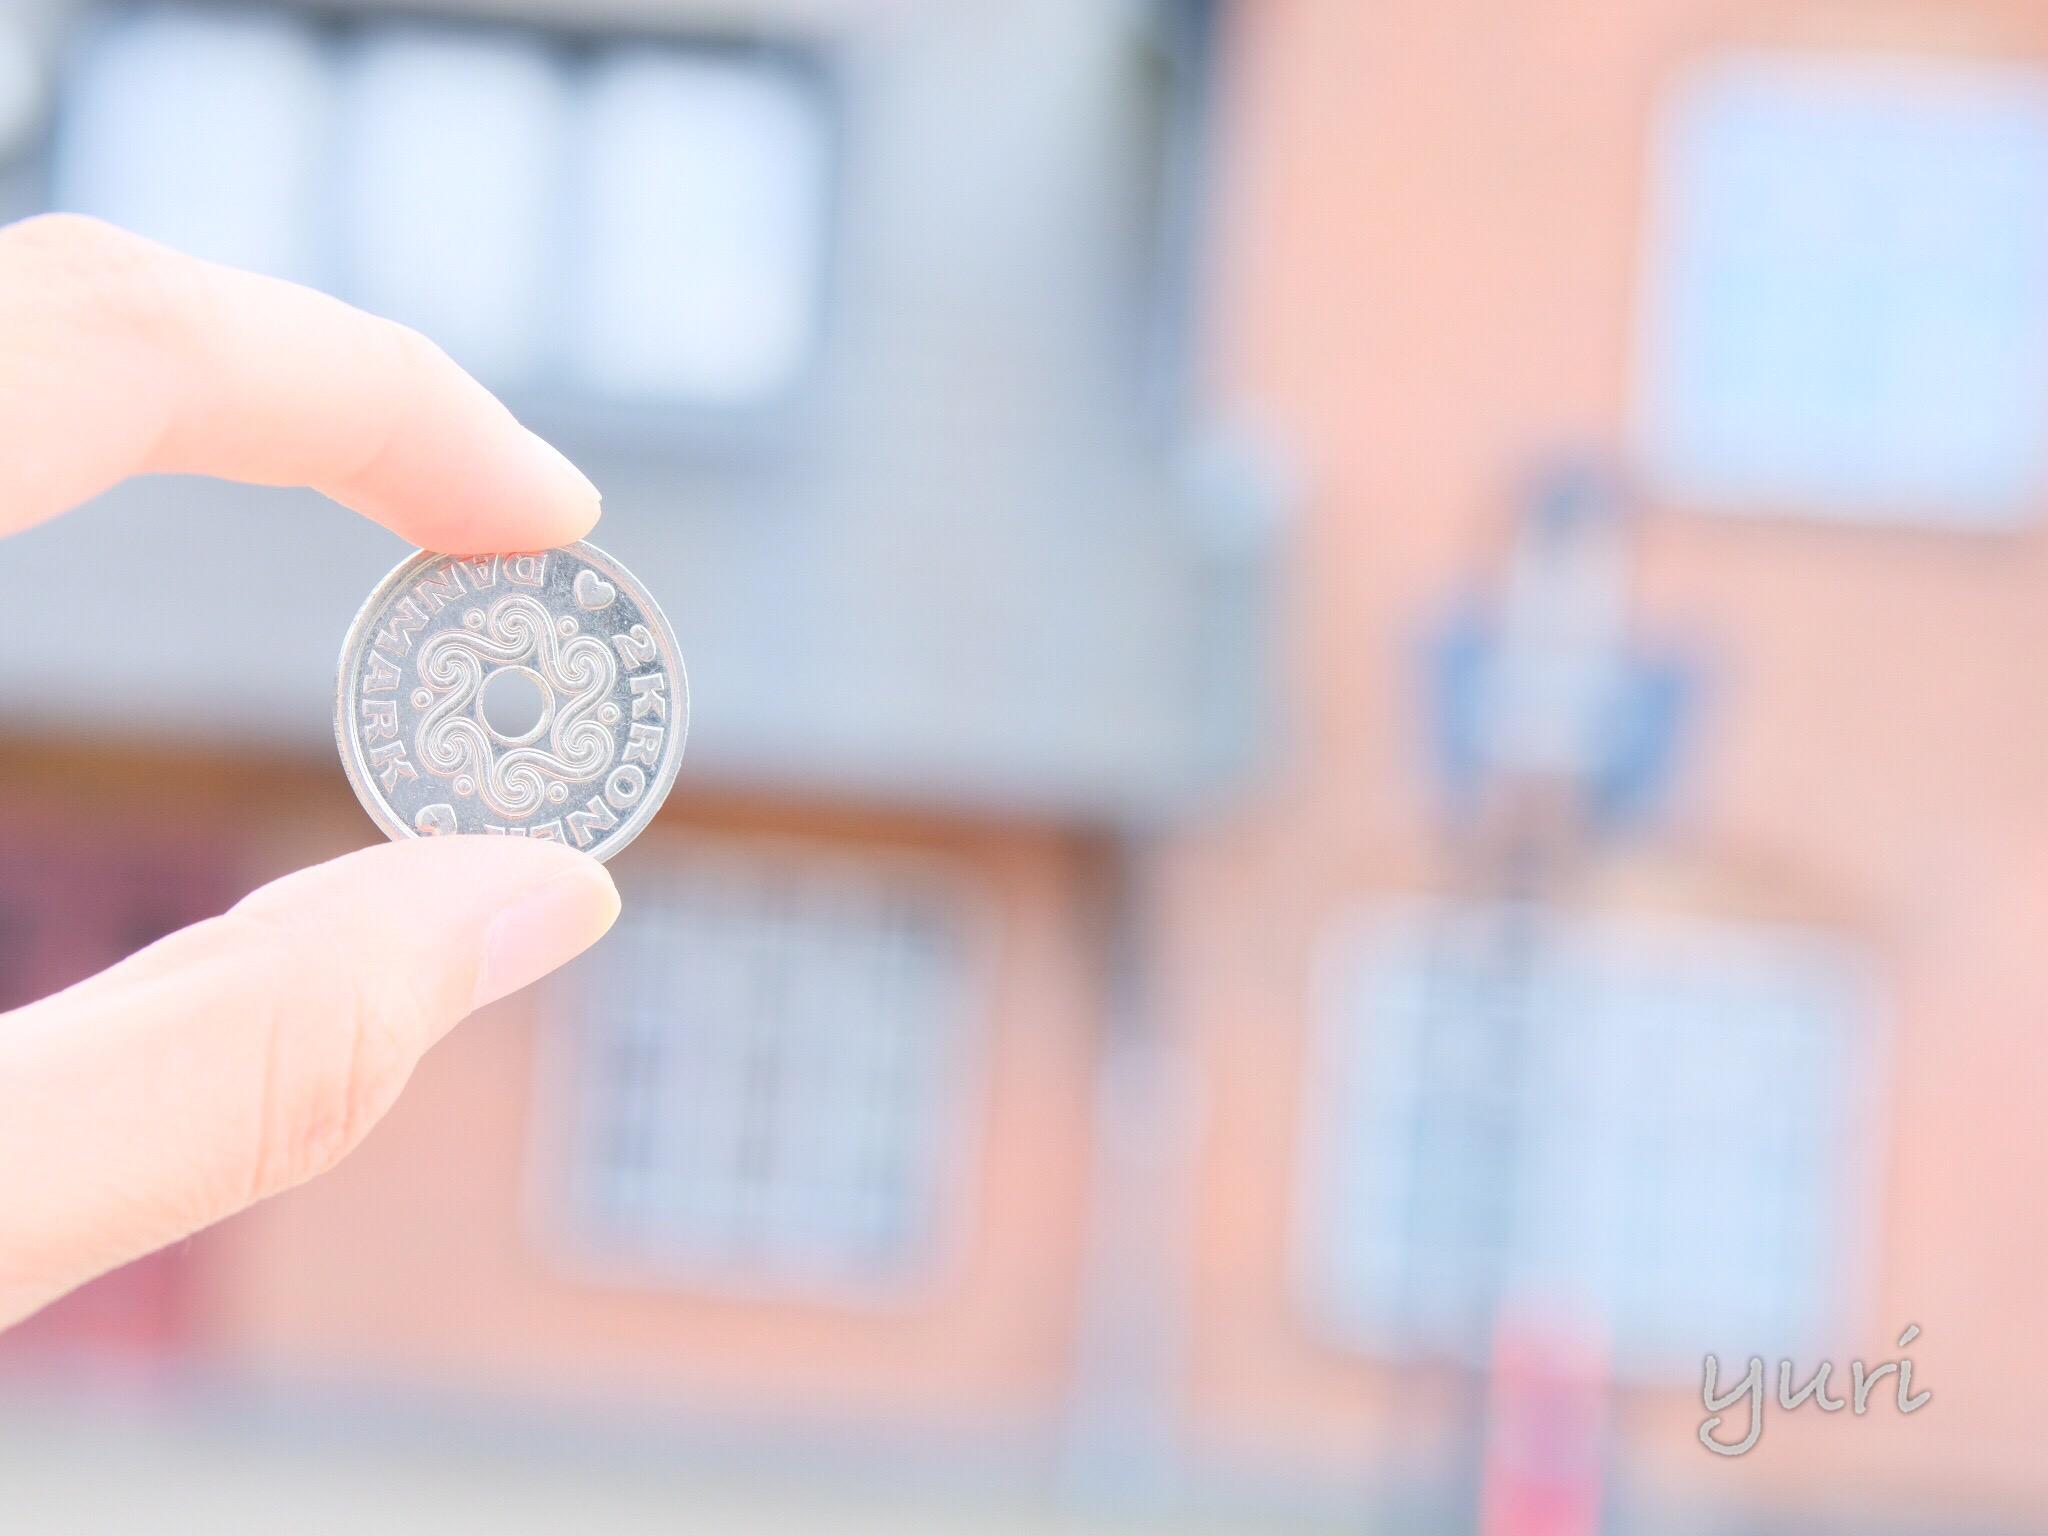 デンマーク・フィンランド・タリンの両替とおすすめのクレジットカードについて